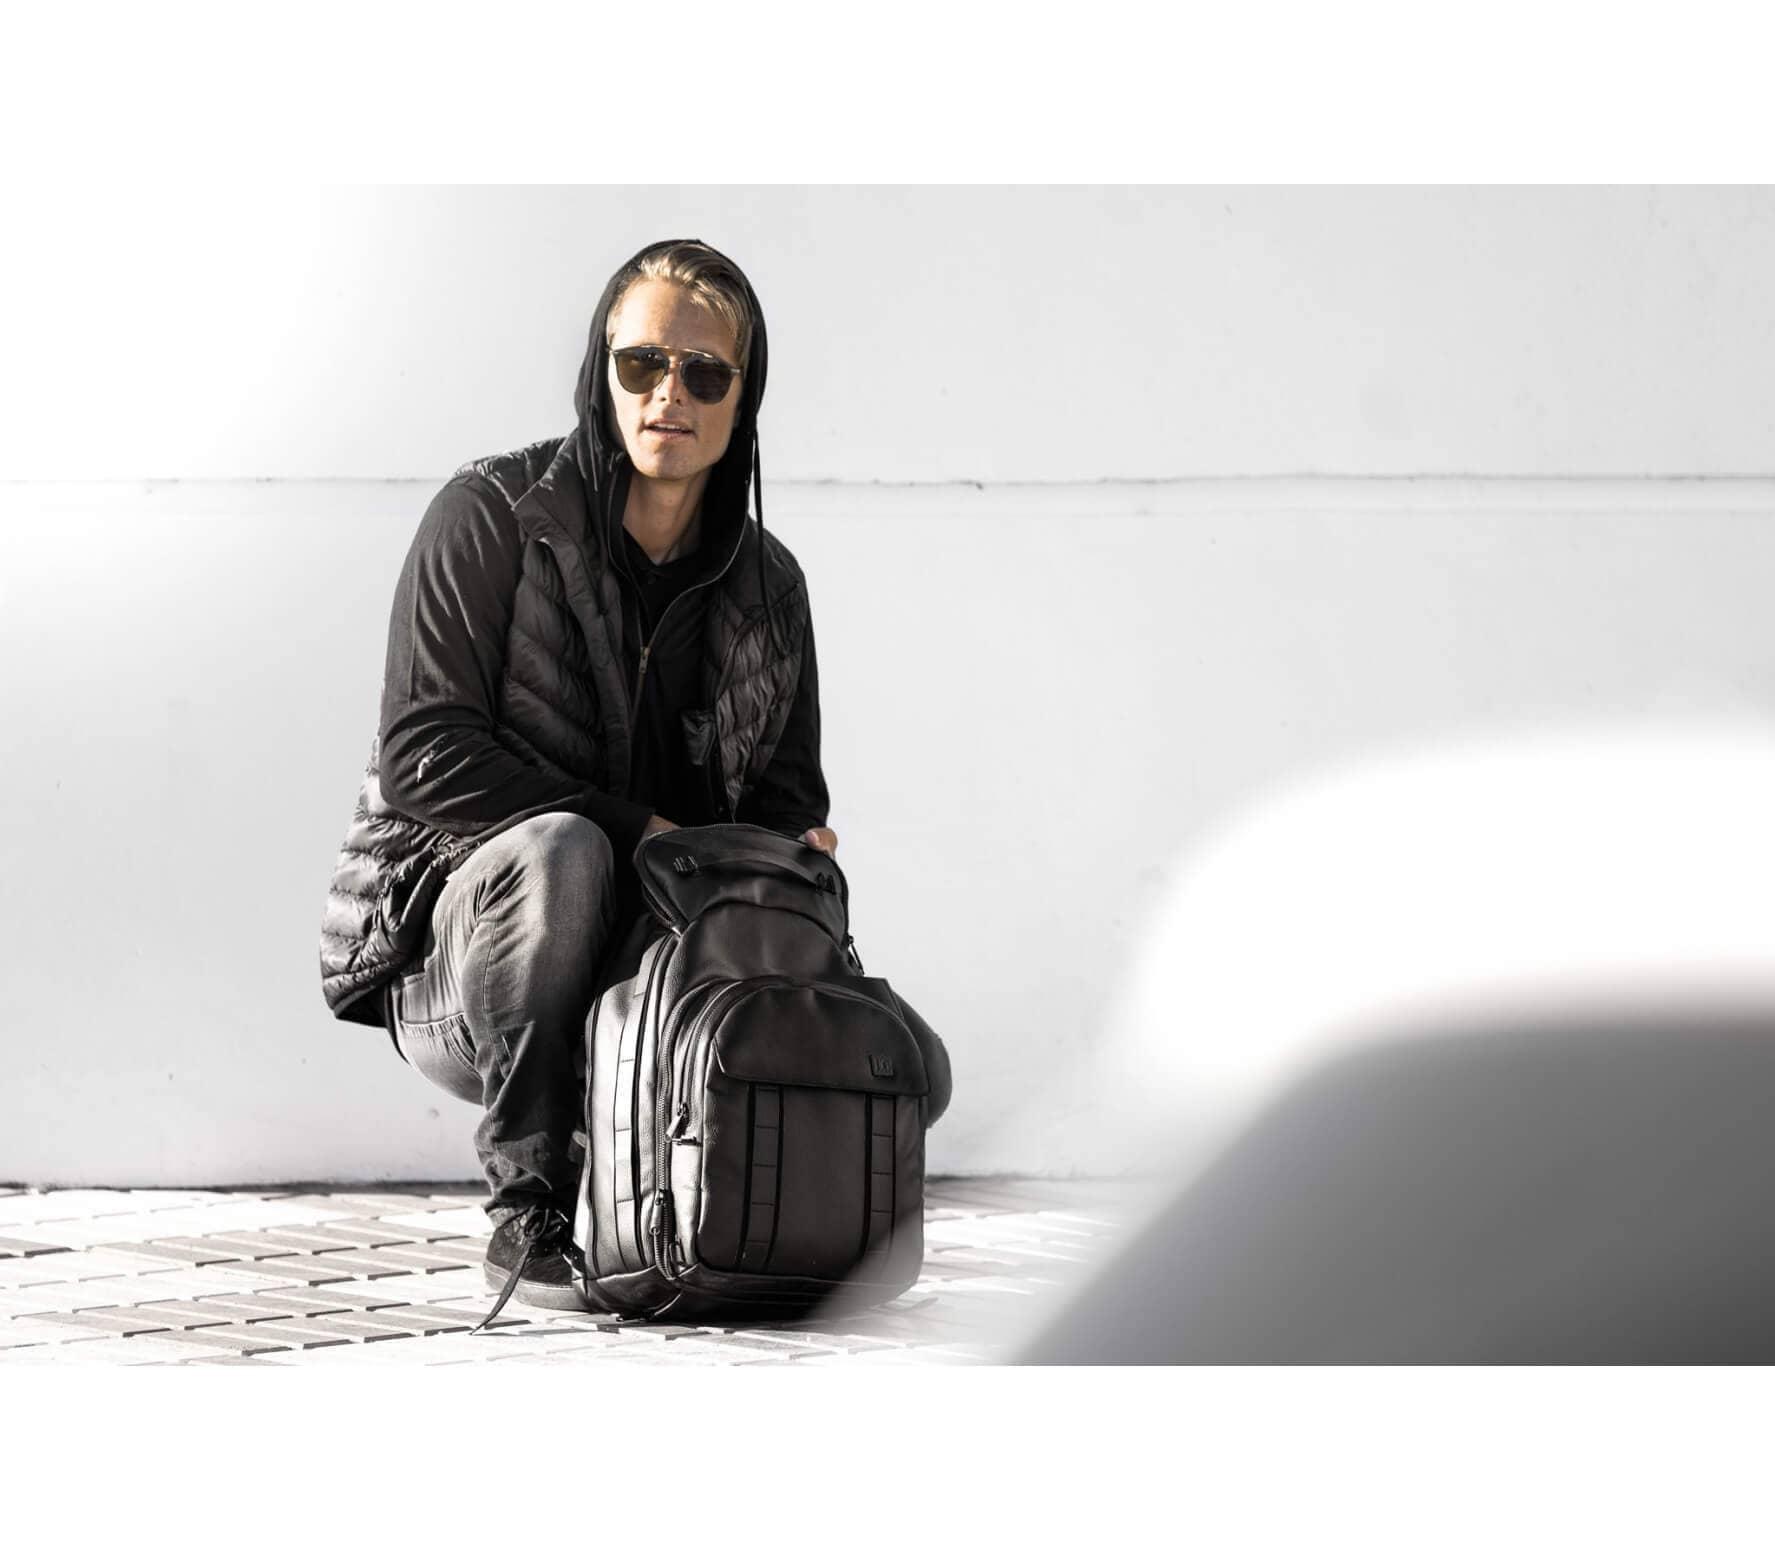 Douchebags - The Ace dagligt ryggsäck (svart) handla online på ... 35e1c42e2e031